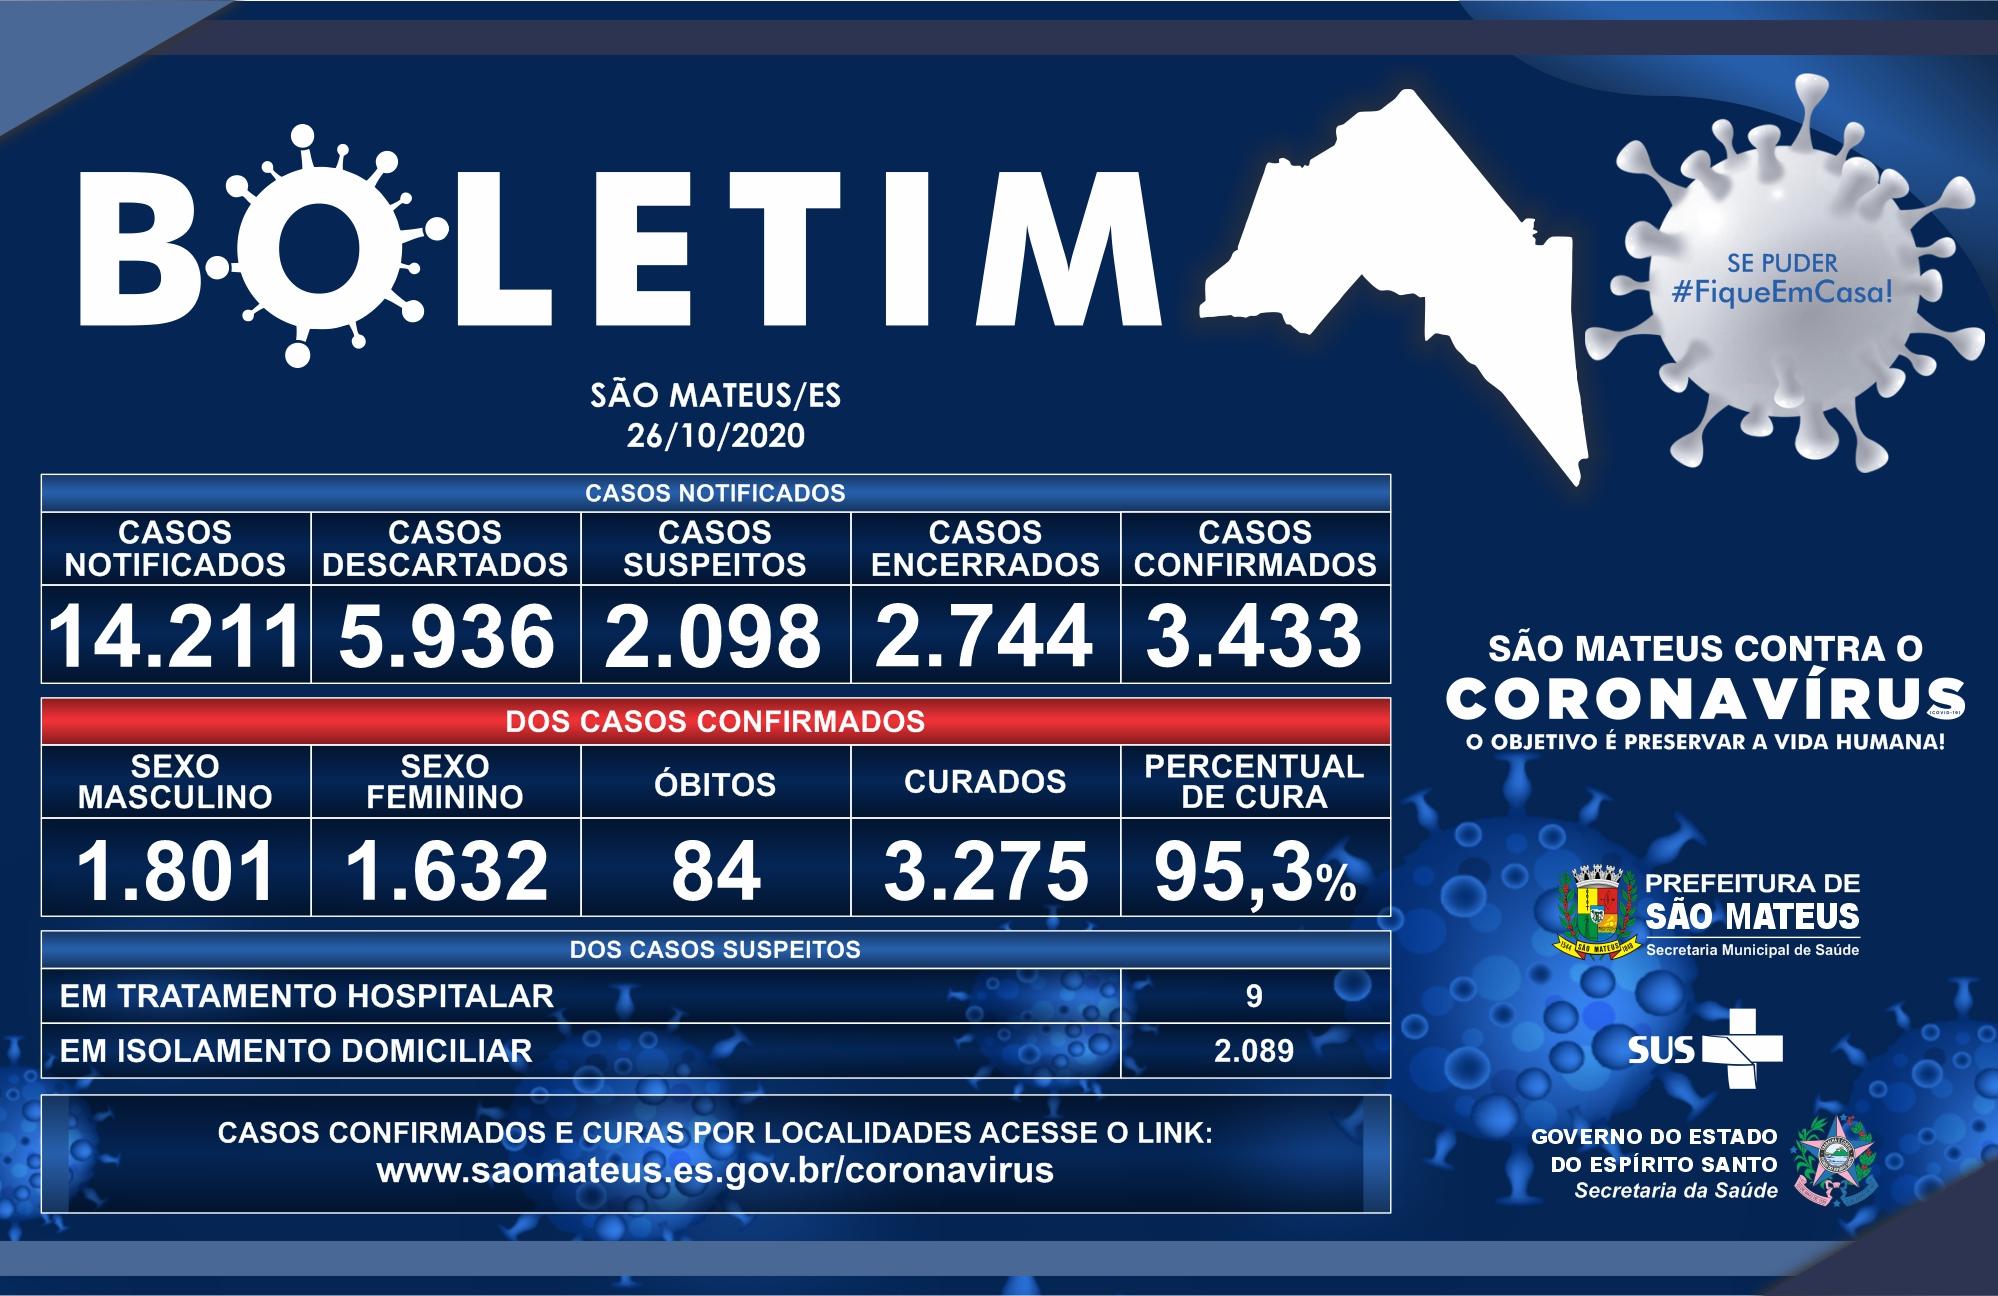 CORONAVÍRUS: SÃO MATEUS REGISTRA MAIS 15 CASOS CONFIRMADOS E 82 CURAS NO FINAL DE SEMANA